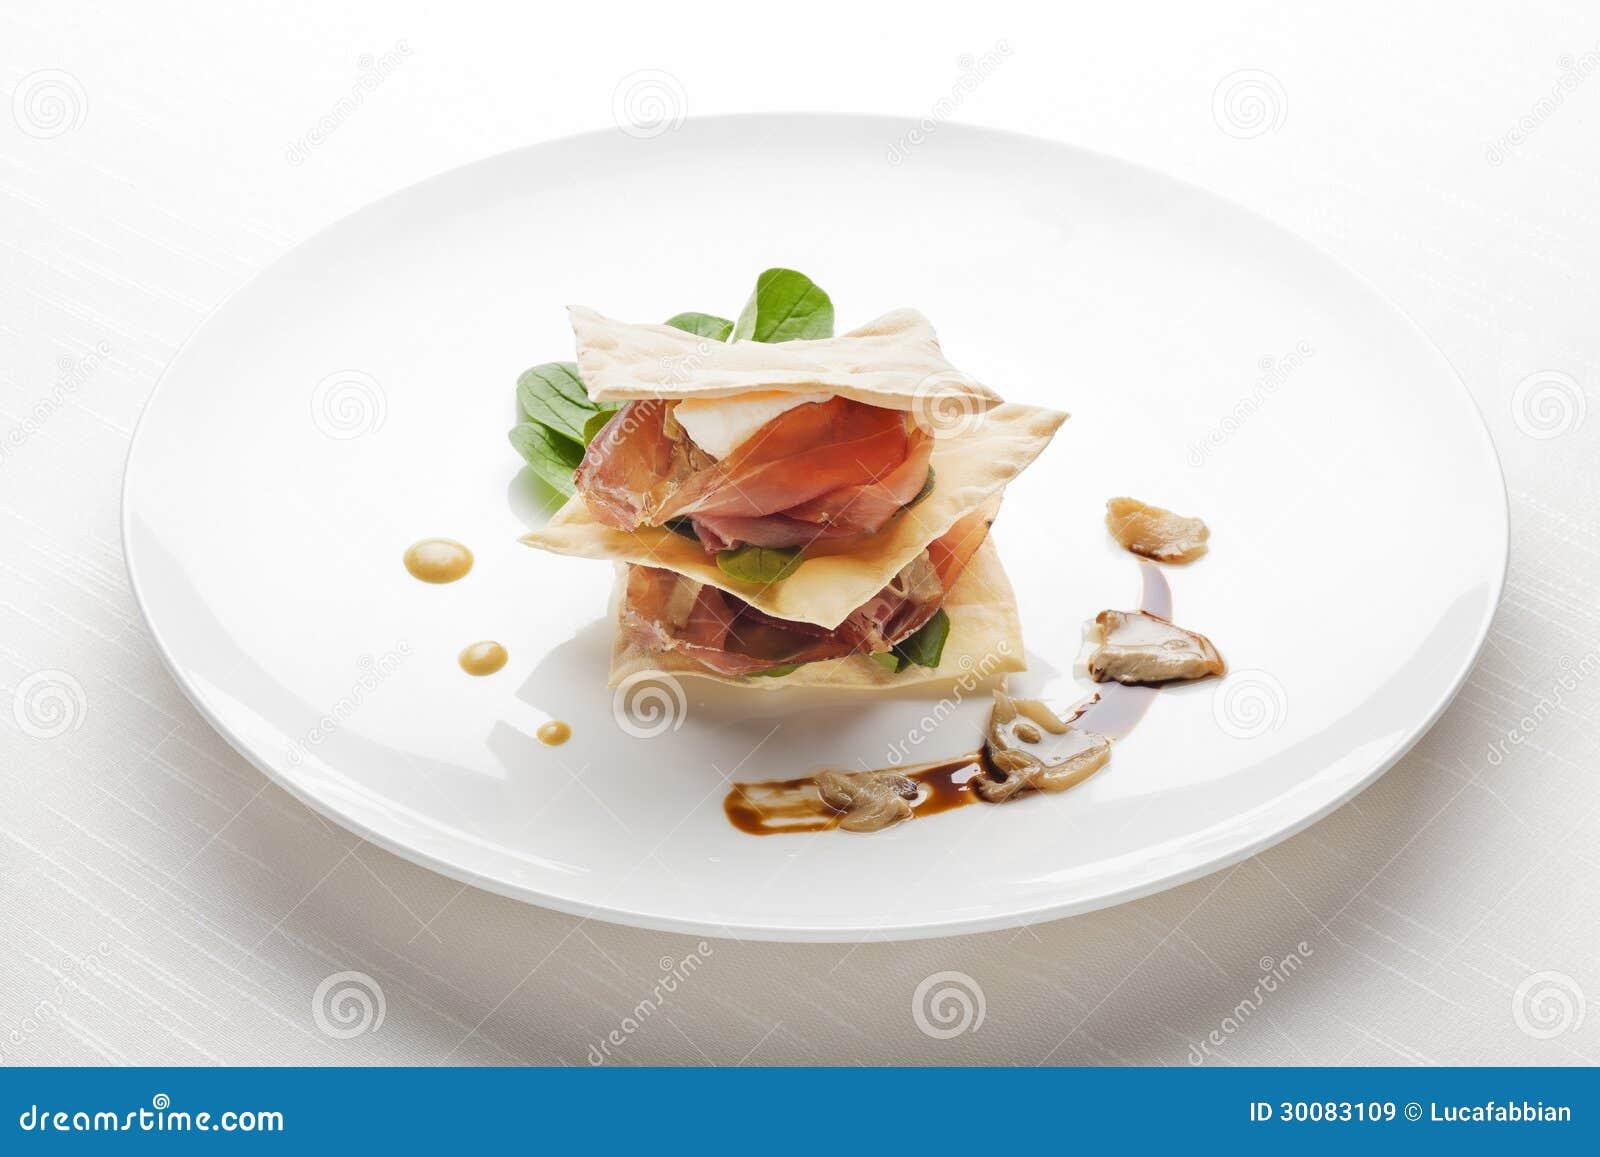 Italian Fine Dining Appetizer Millefoglie Di San Daniele E Porcini